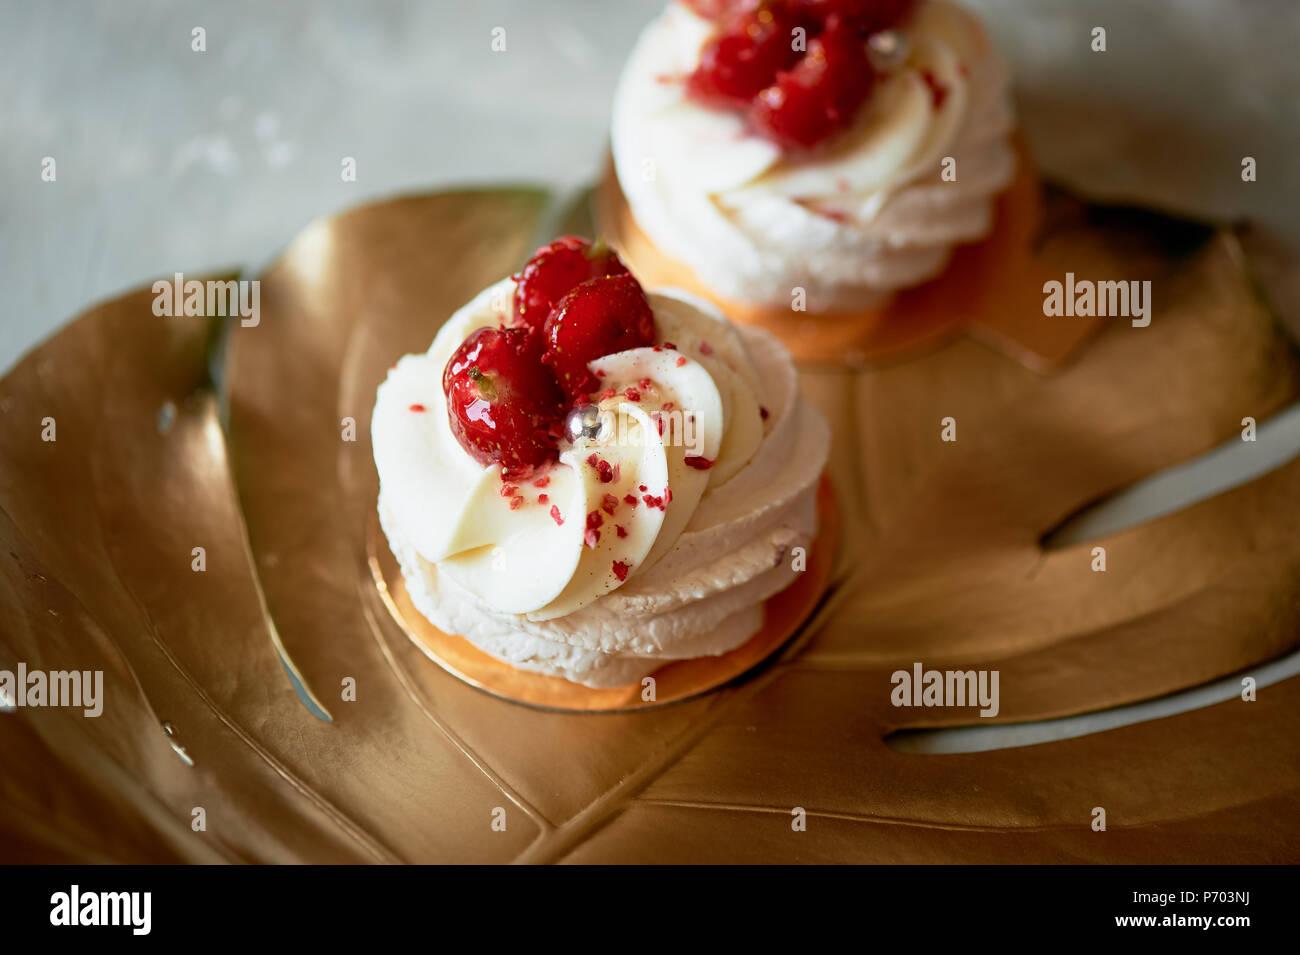 Luftig und köstliche meringue Anna Pavlova auf einem Blattgold monstera. Kulinarische Kunst Stockbild